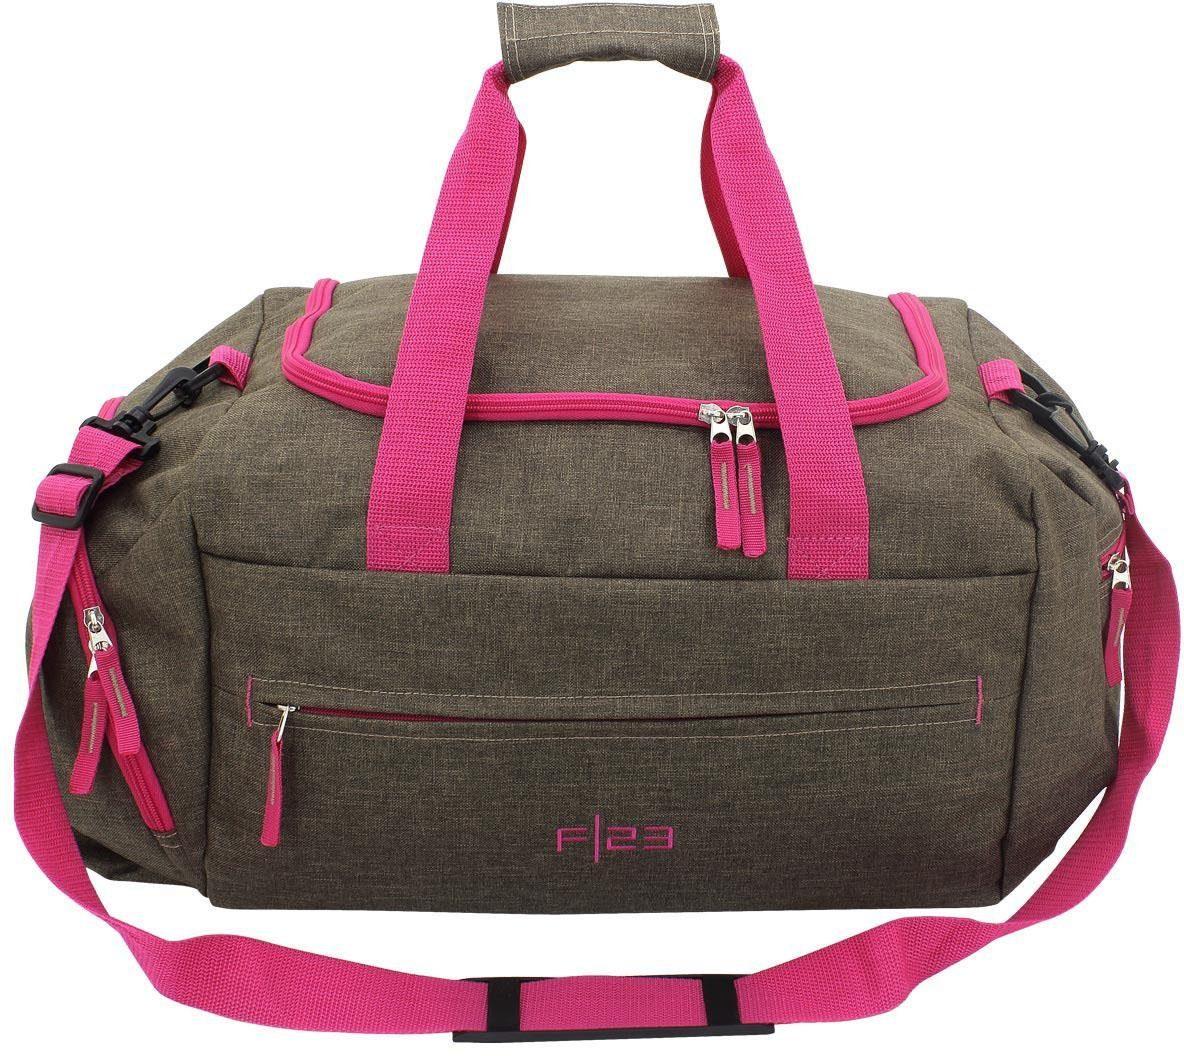 F23™ Reisetasche, »Two-Tone braun/pink«